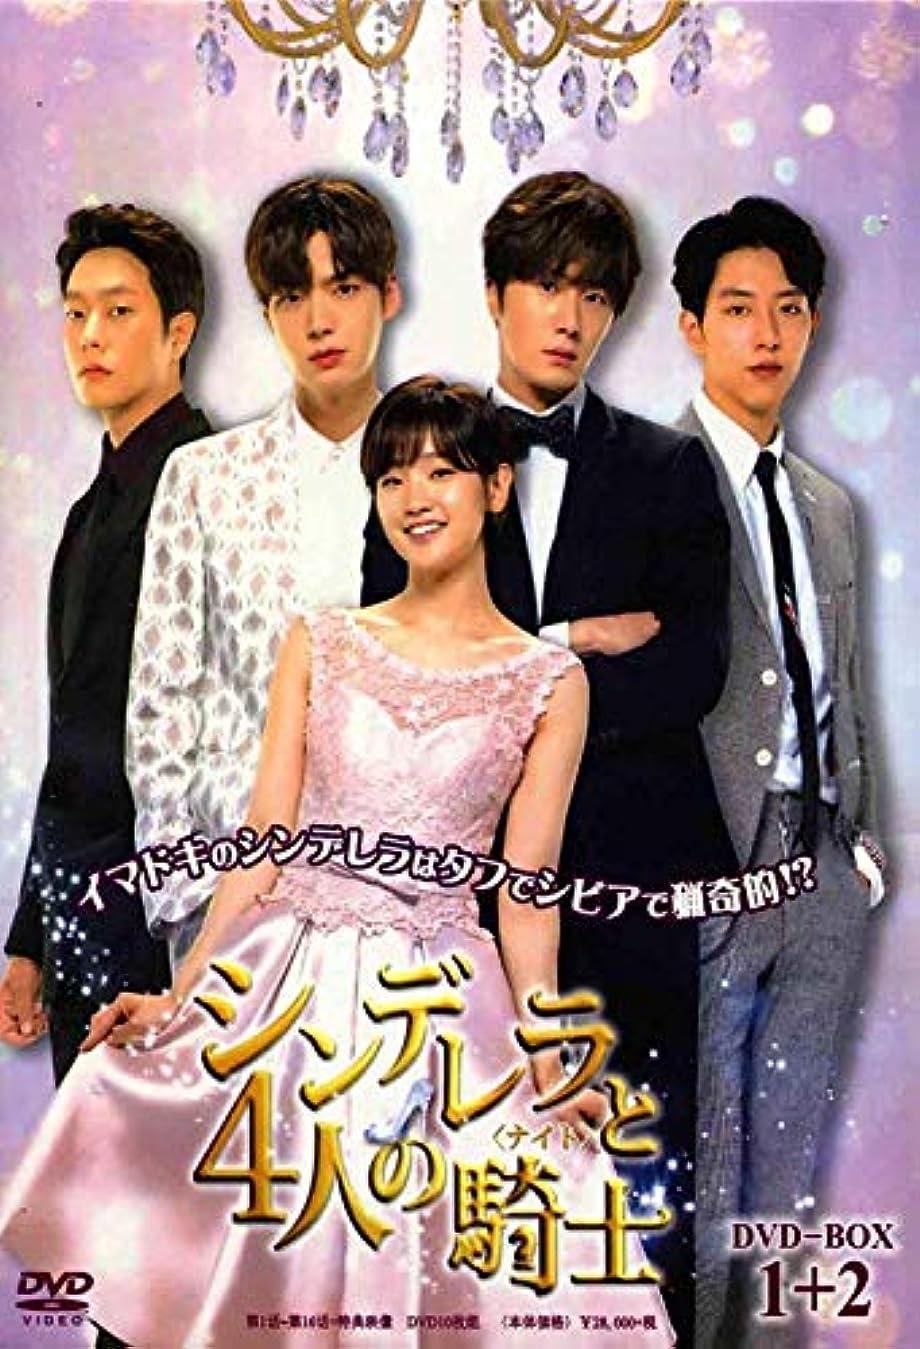 冷えるベイビー春シンデレラと4人の騎士(ナイト)DVD-BOX1+2 10枚組